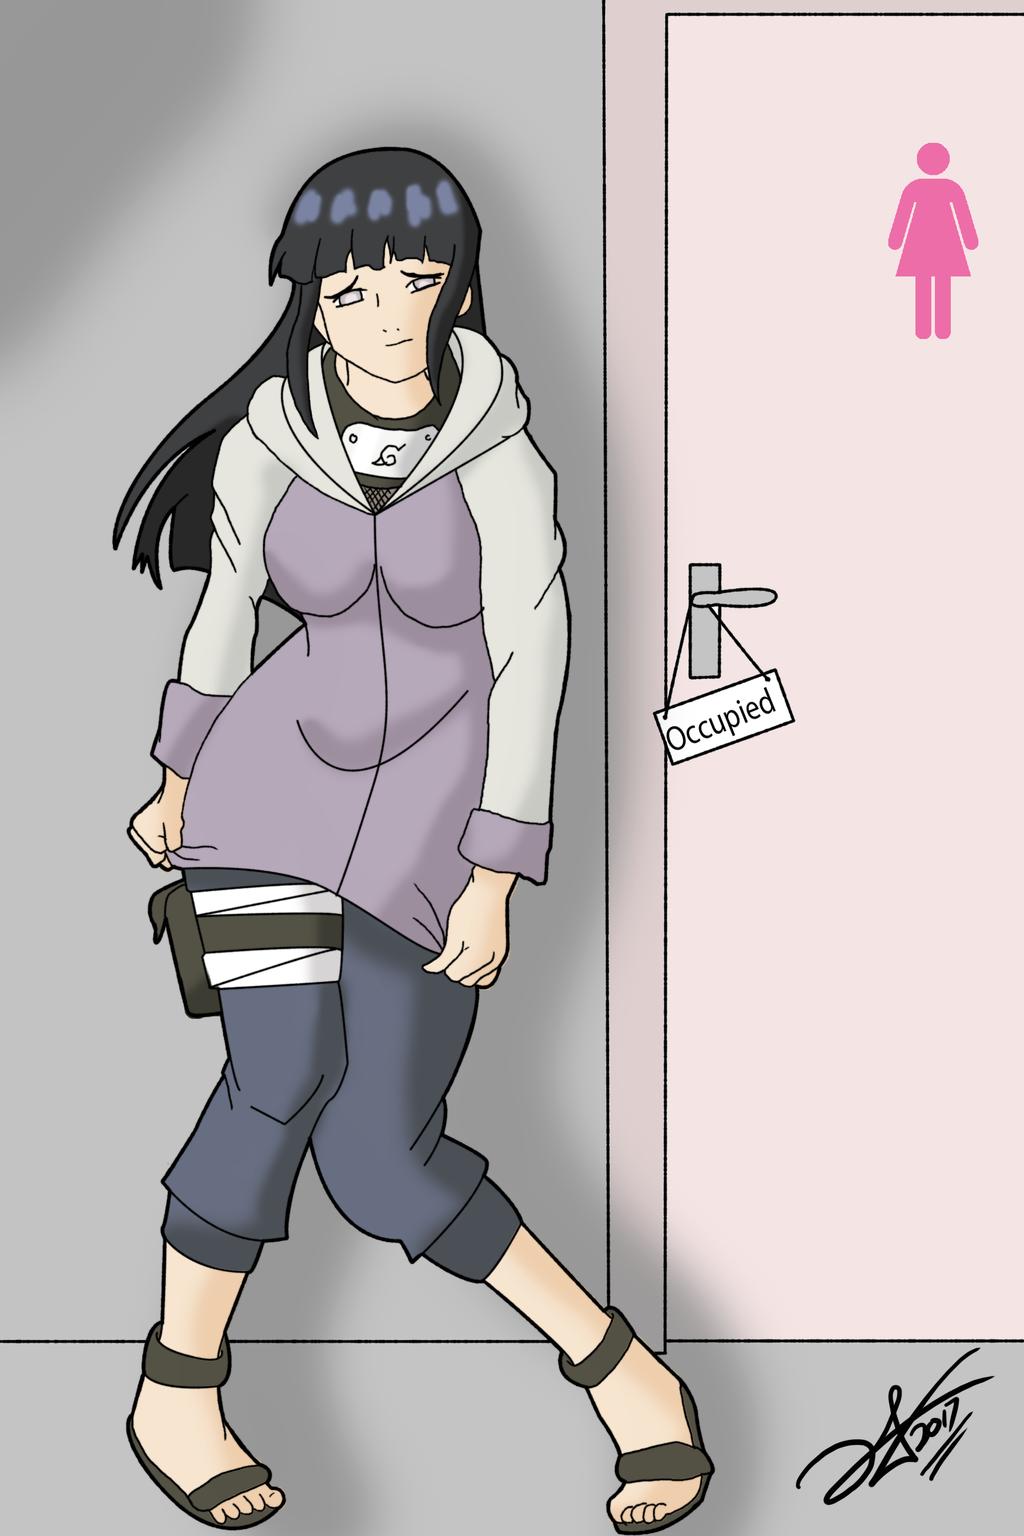 Anime girl shitting